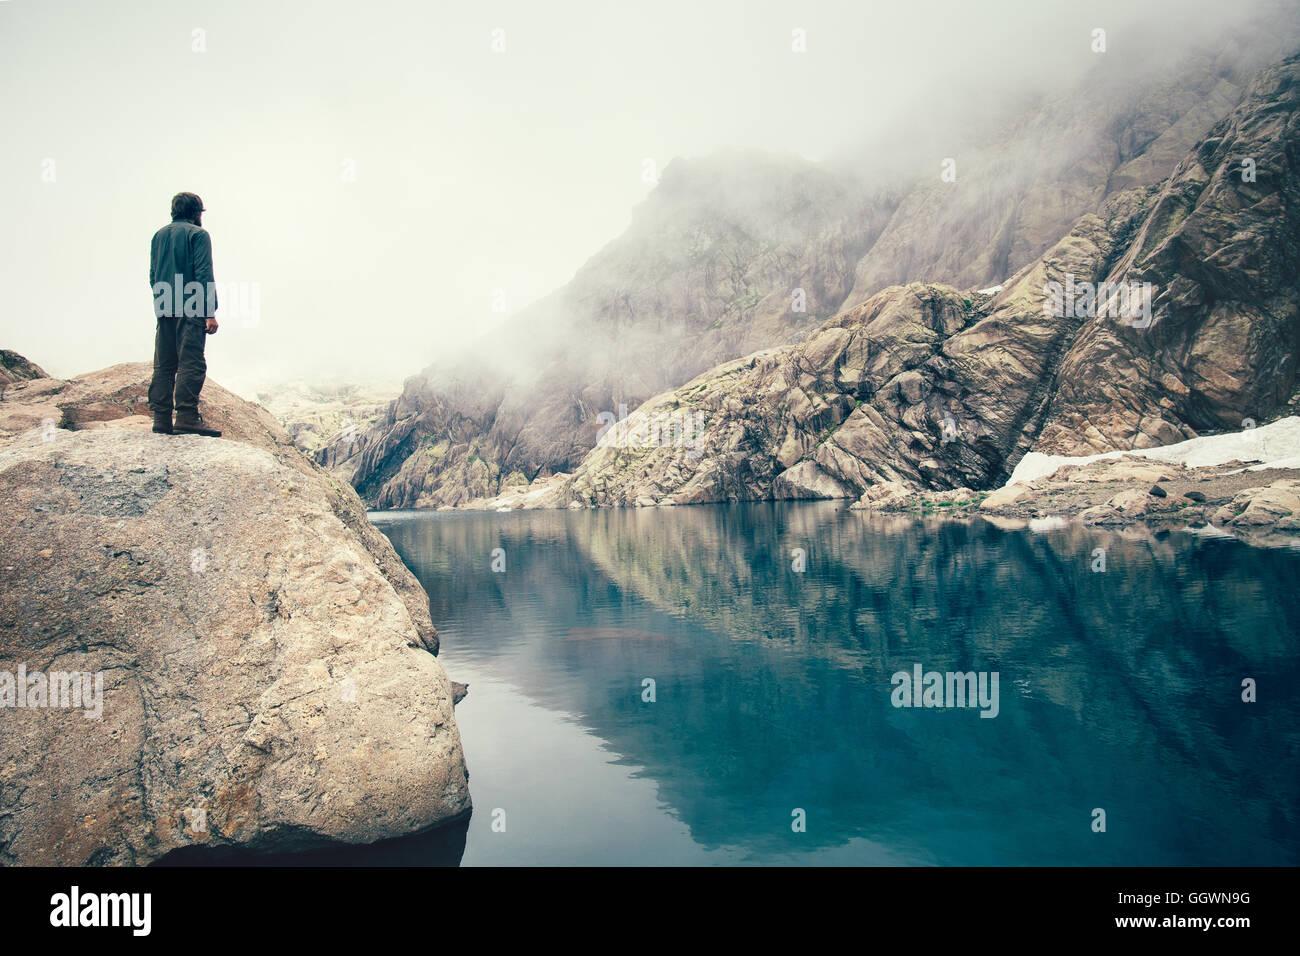 Mann-Reisenden auf Stein Cliff See und nebligen Bergen im Hintergrund-Reise-Lifestyle-Konzept im freien allein stehend Stockbild